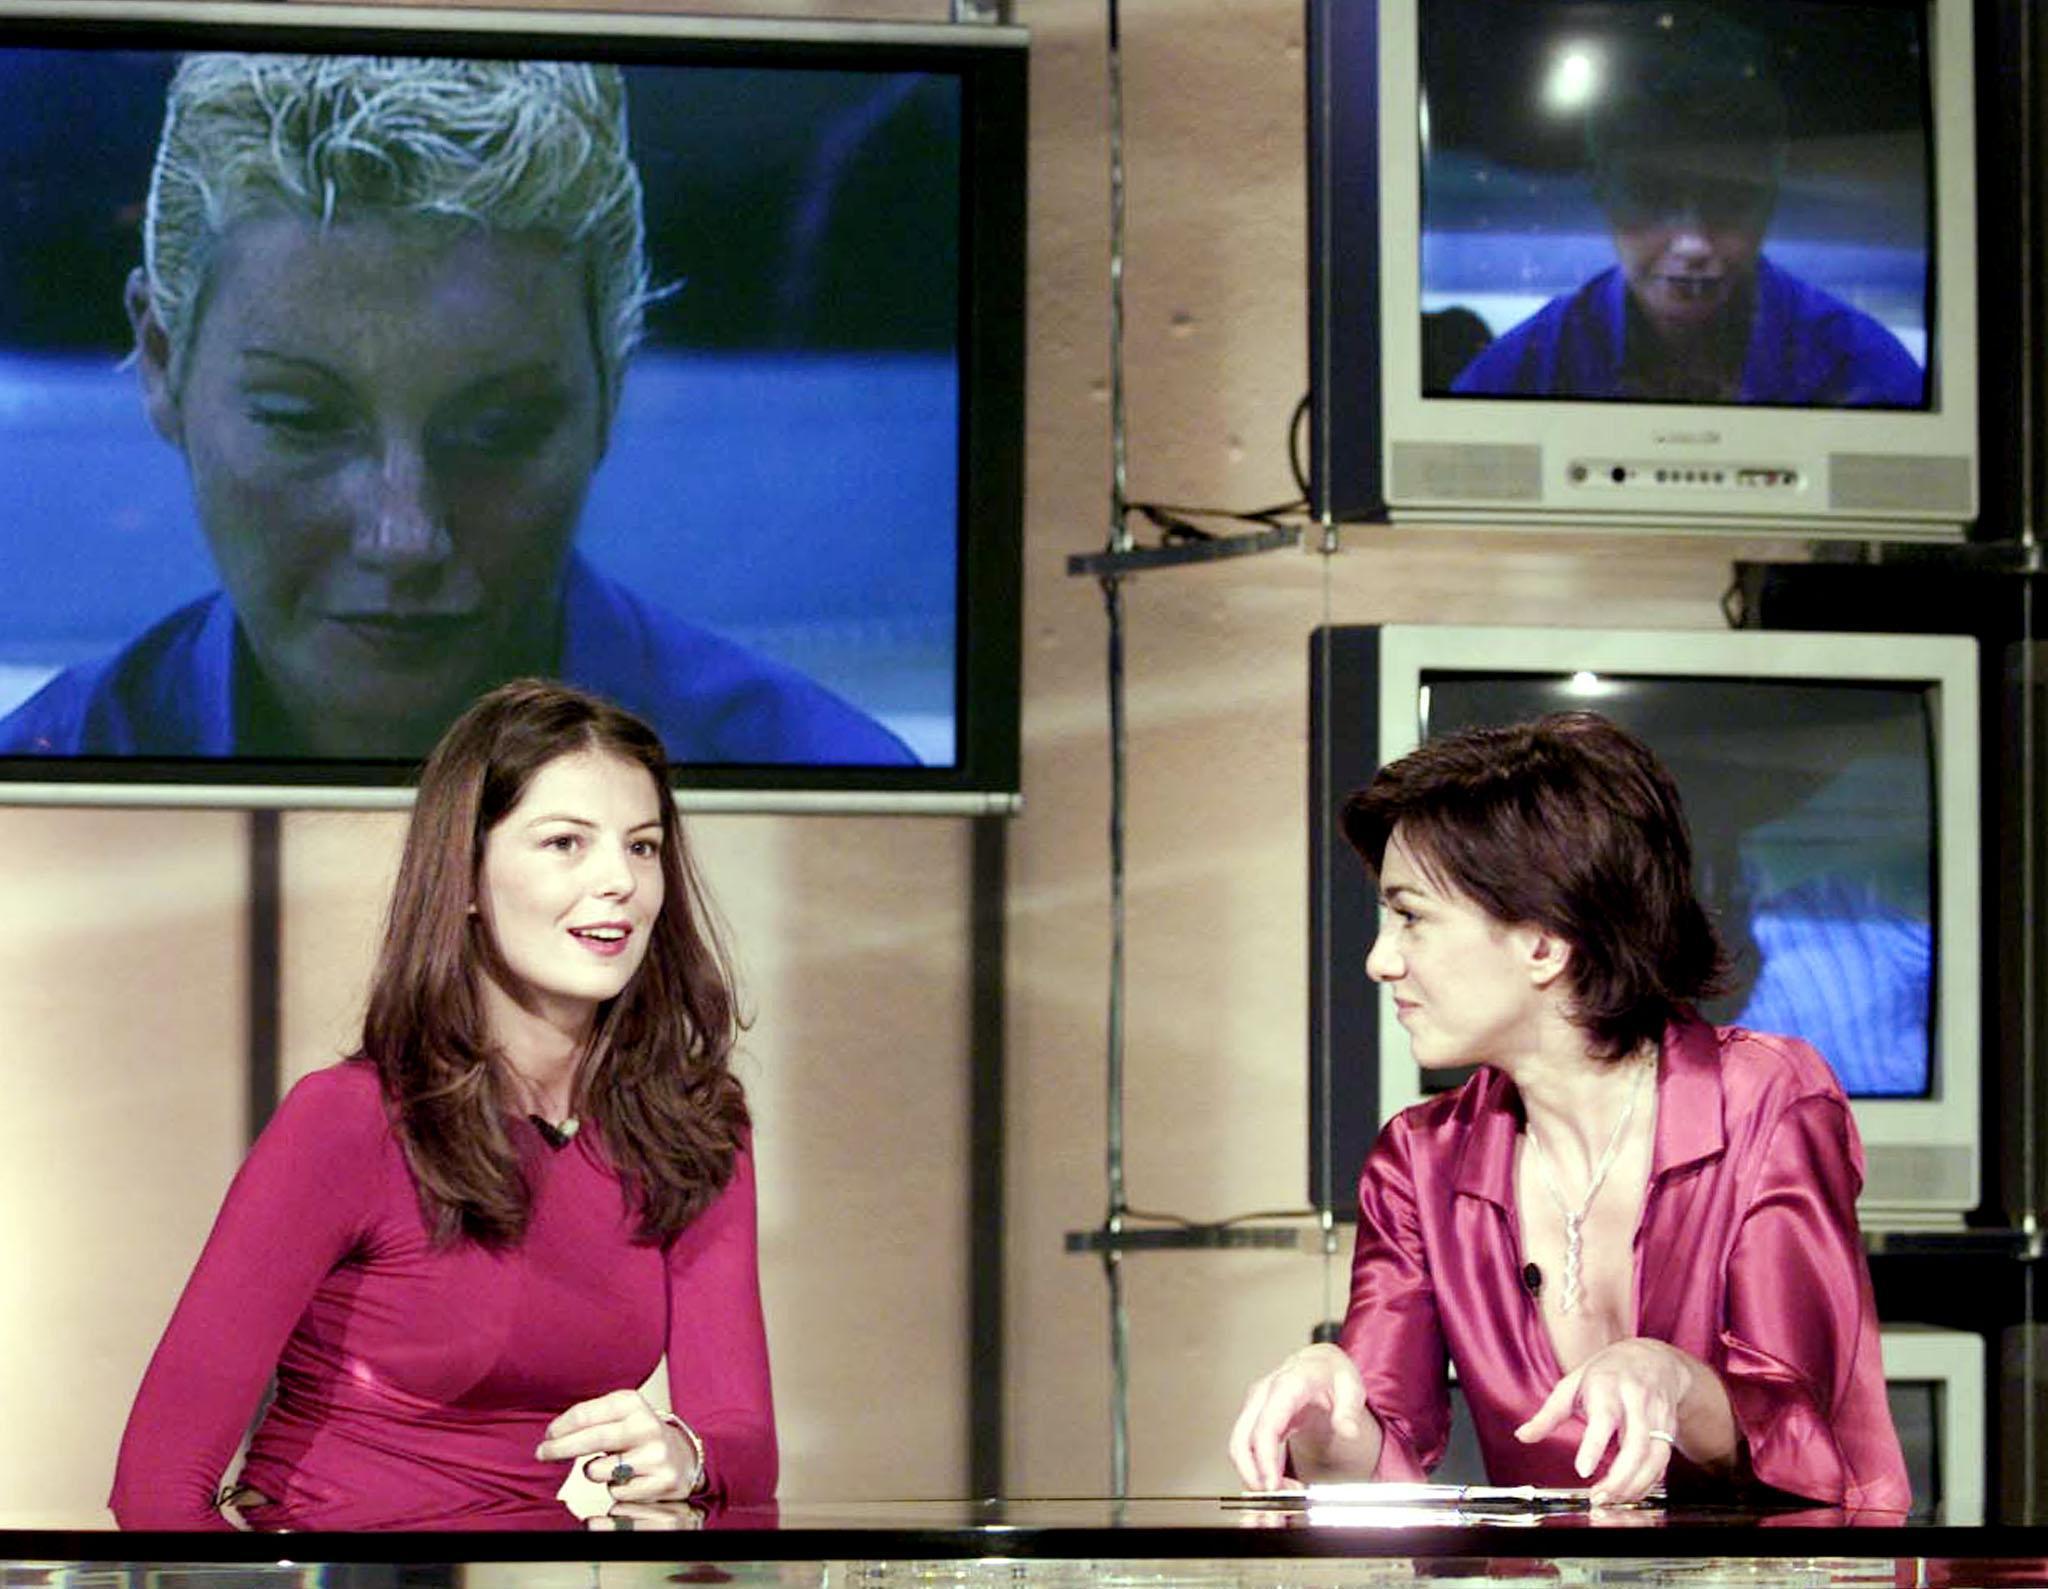 http://www.corriere.it/Media/Foto/2007/10/15/marina.jpg